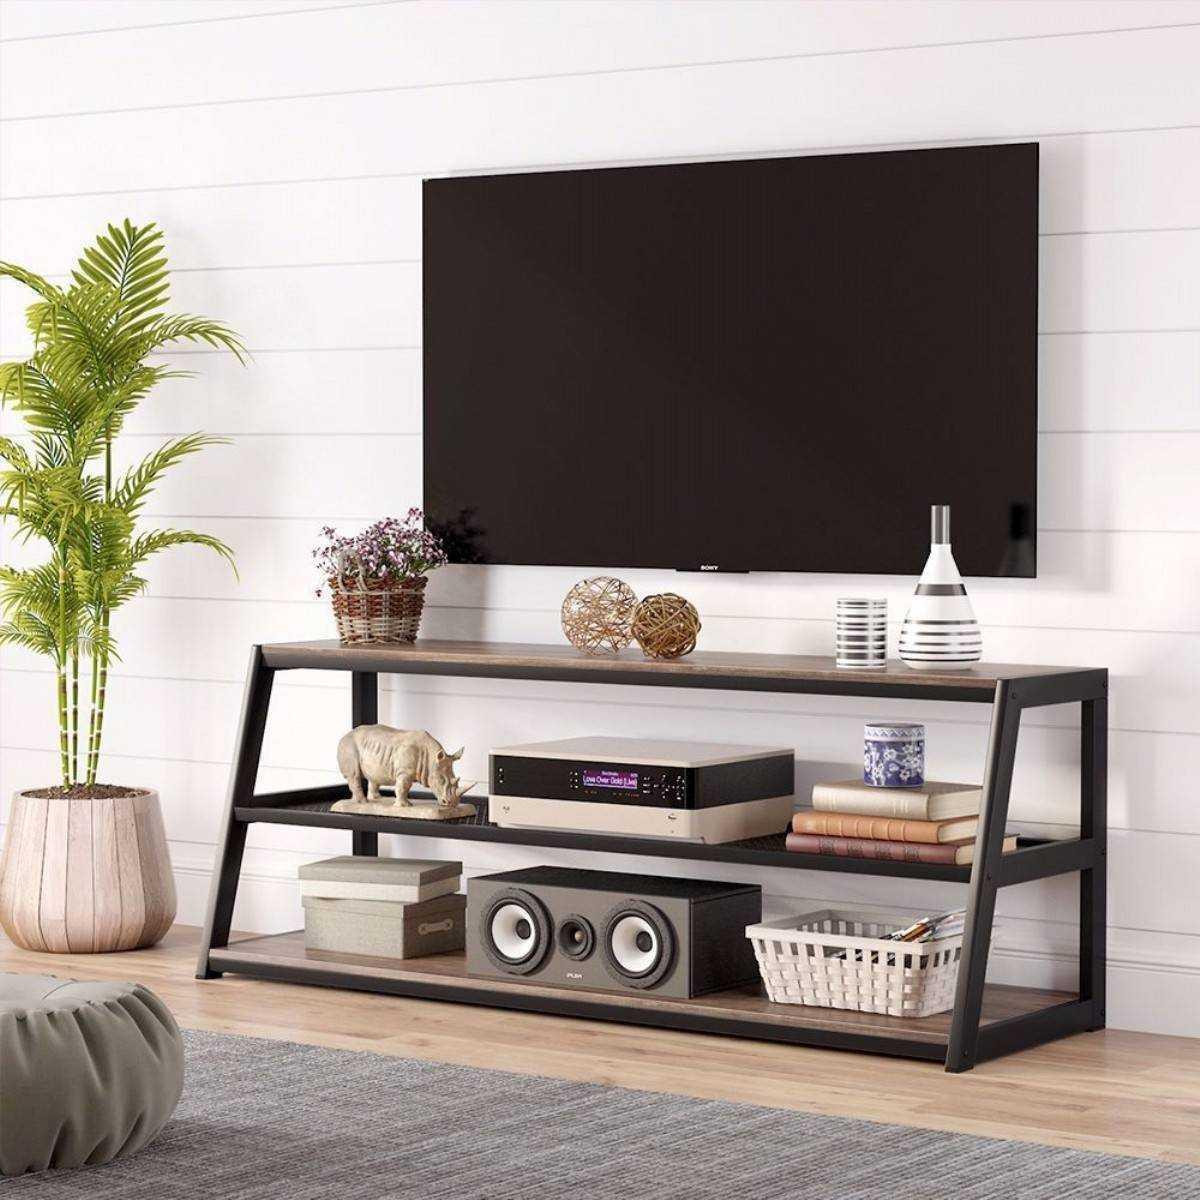 Zizuva Tasarım Tv Sehpası Dekor Düzenleyici